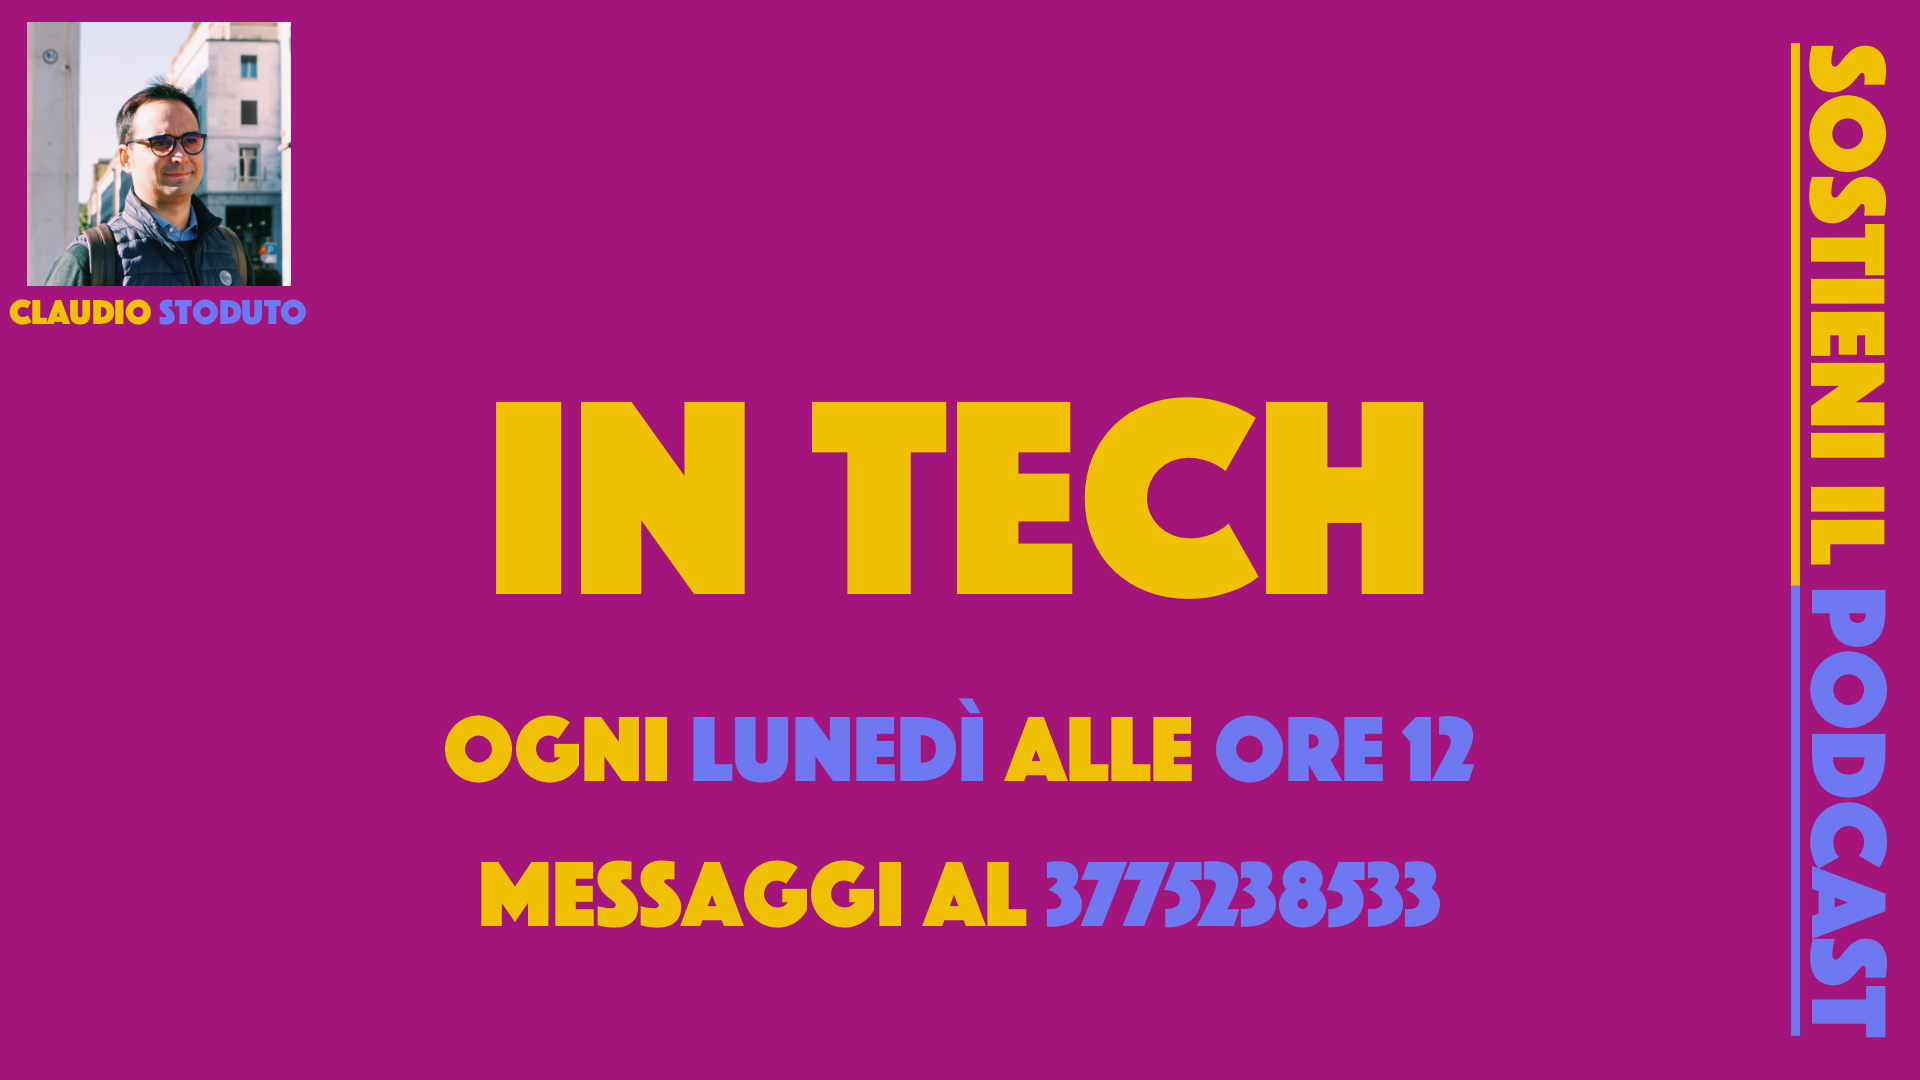 IN Tech, un podcast di Claudio Stoduto